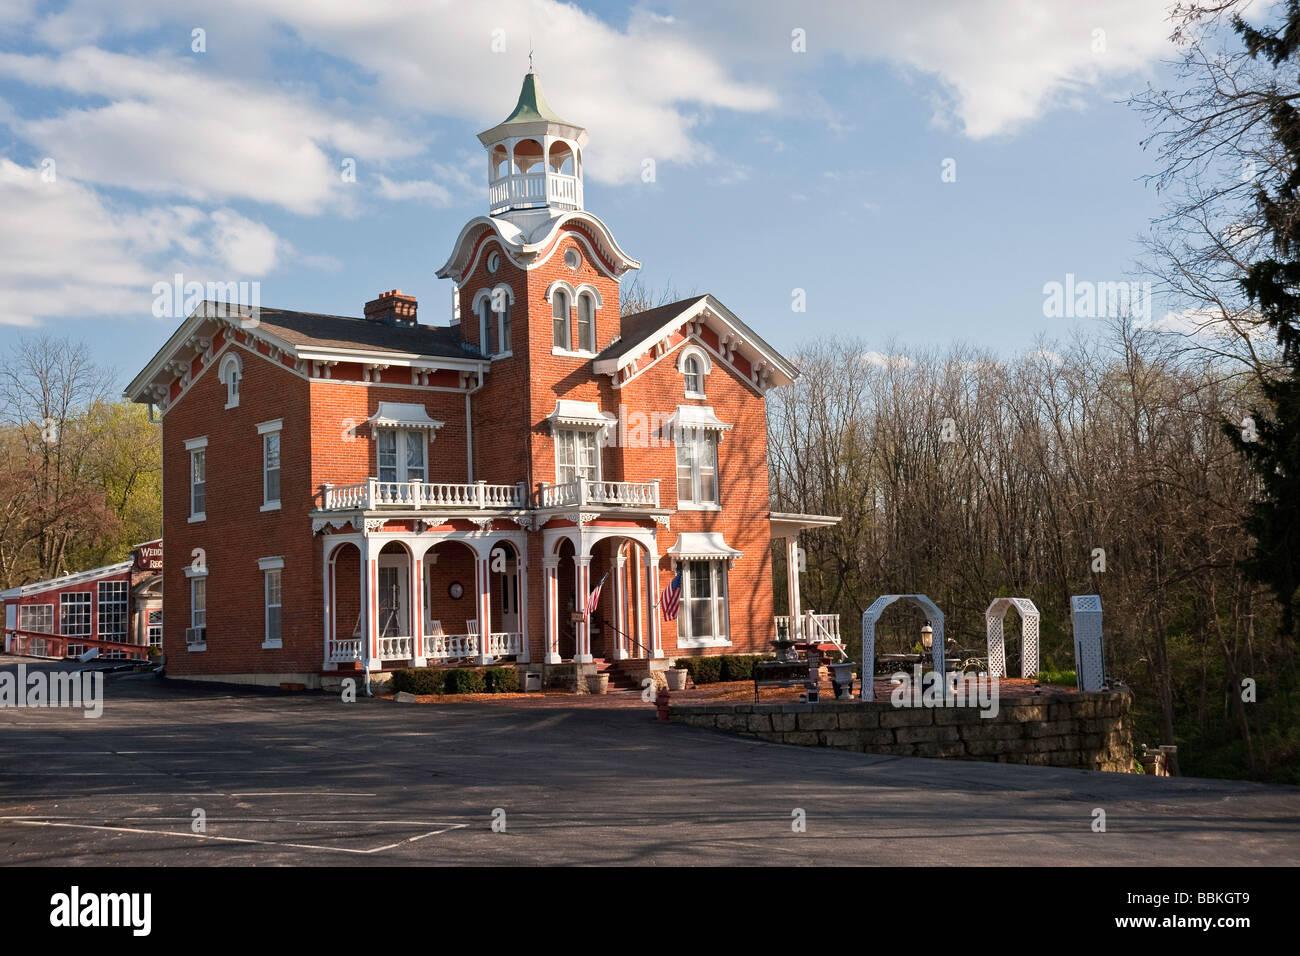 Historische Stillman Inn In Historischen Galena Illinois Jetzt Ein